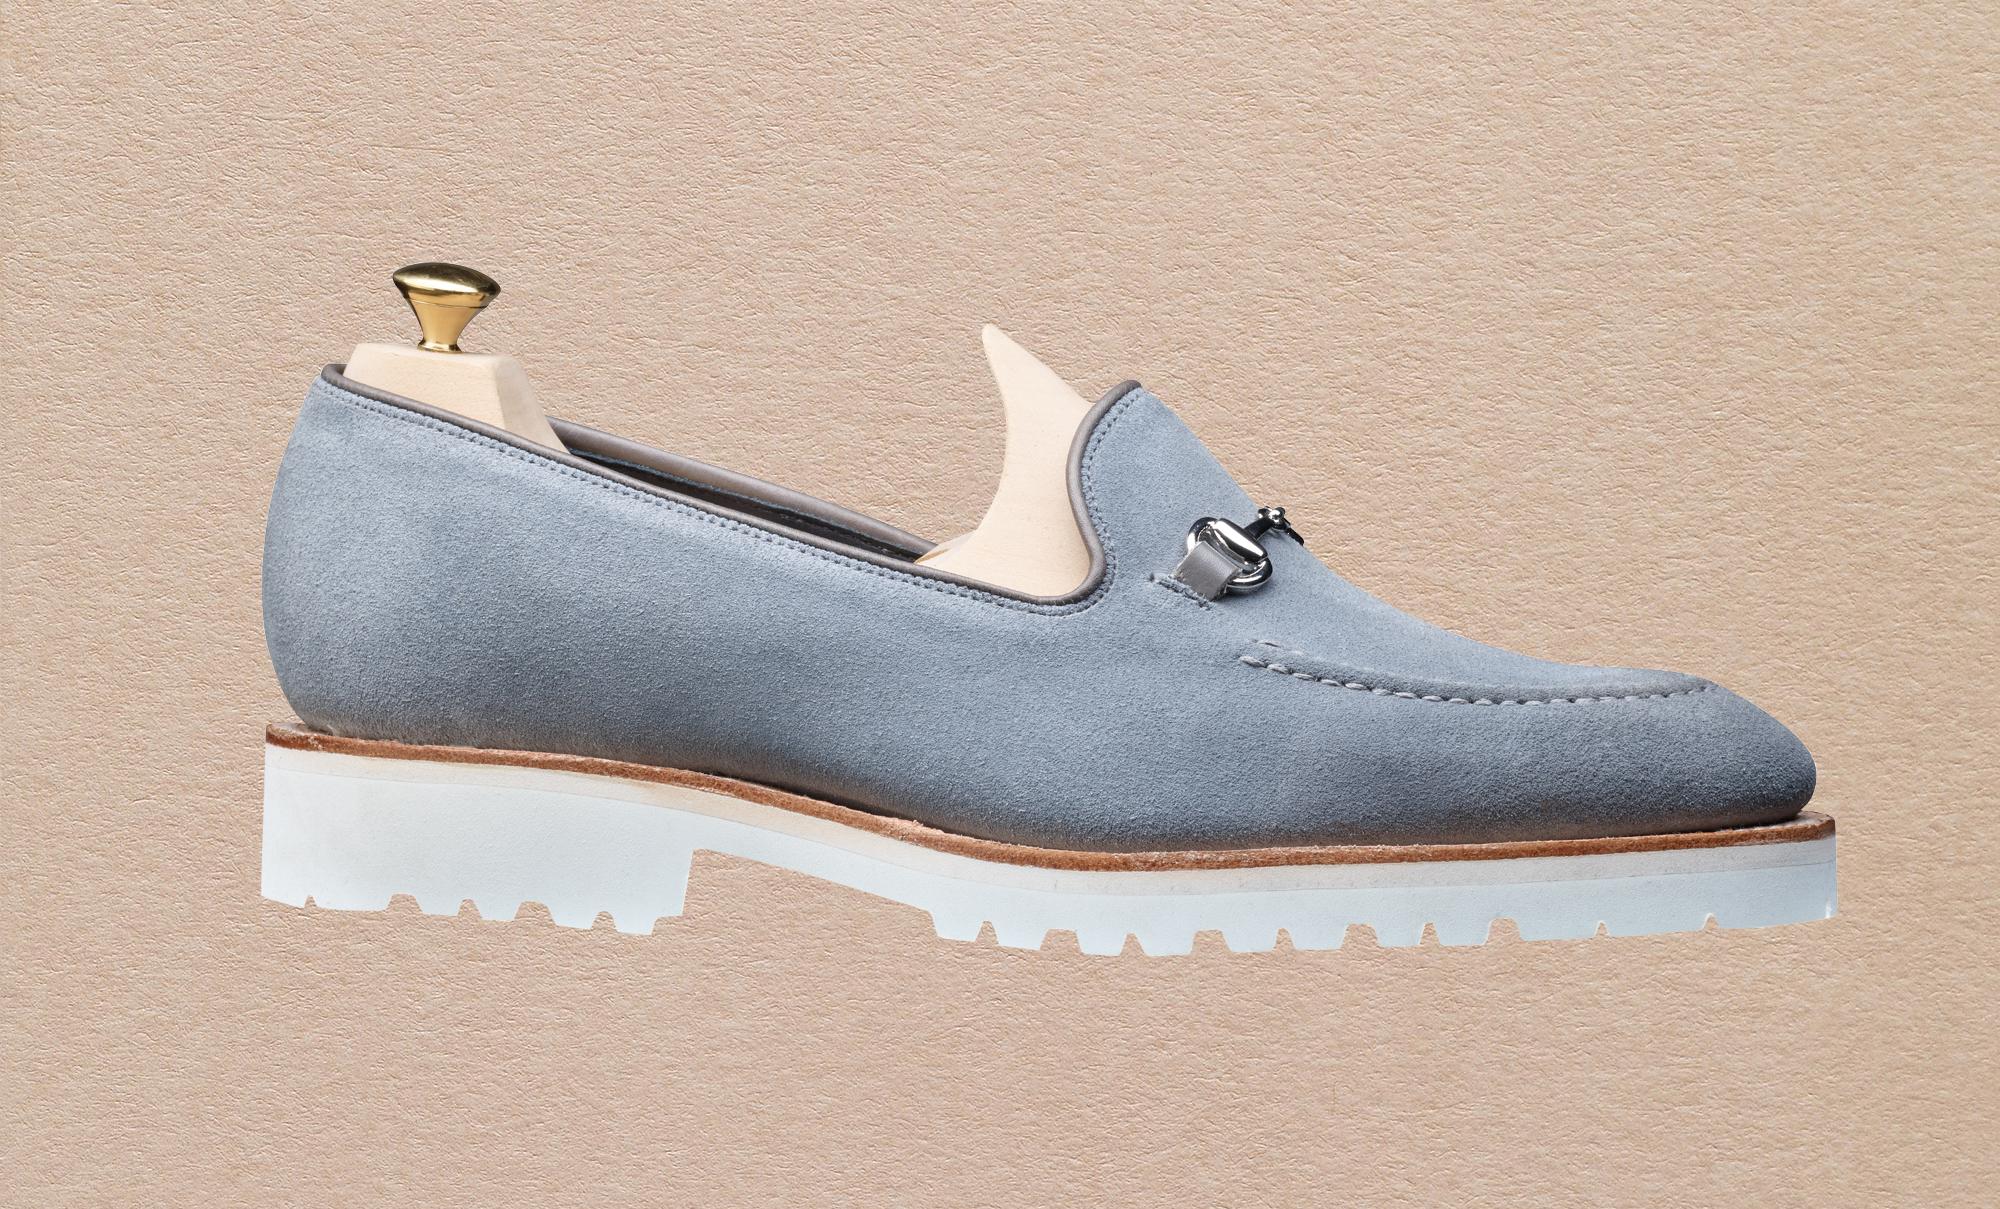 Crockett & Jones' Laura horsebit loafer